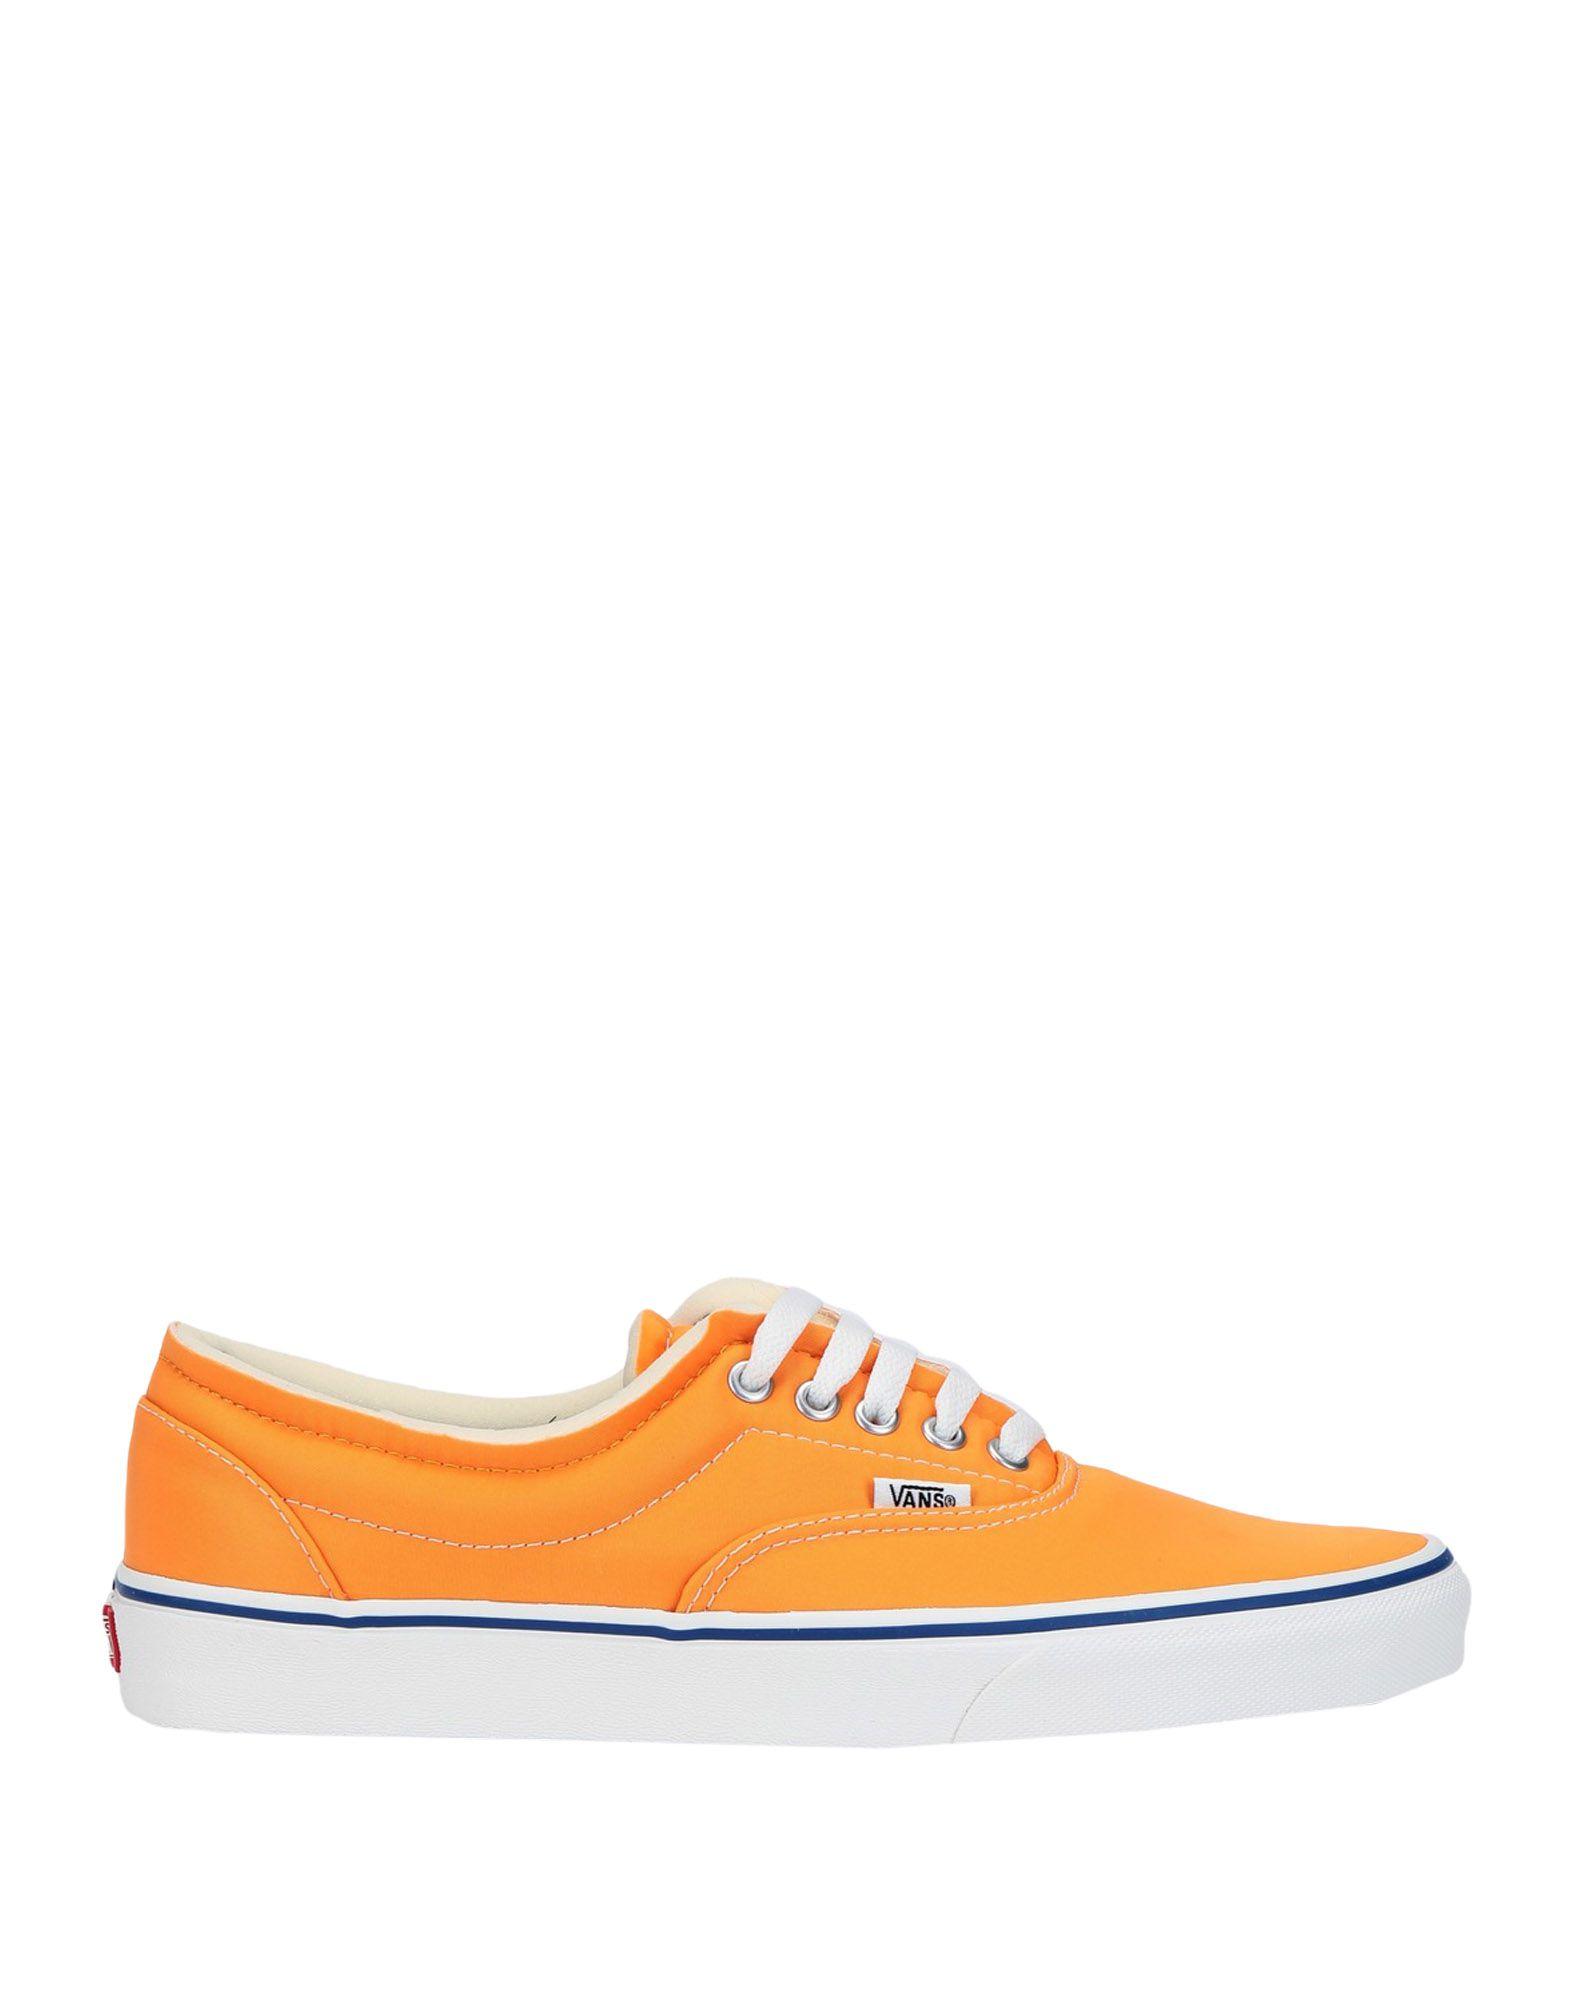 《送料無料》VANS メンズ スニーカー&テニスシューズ(ローカット) オレンジ 7 紡績繊維 UA Era